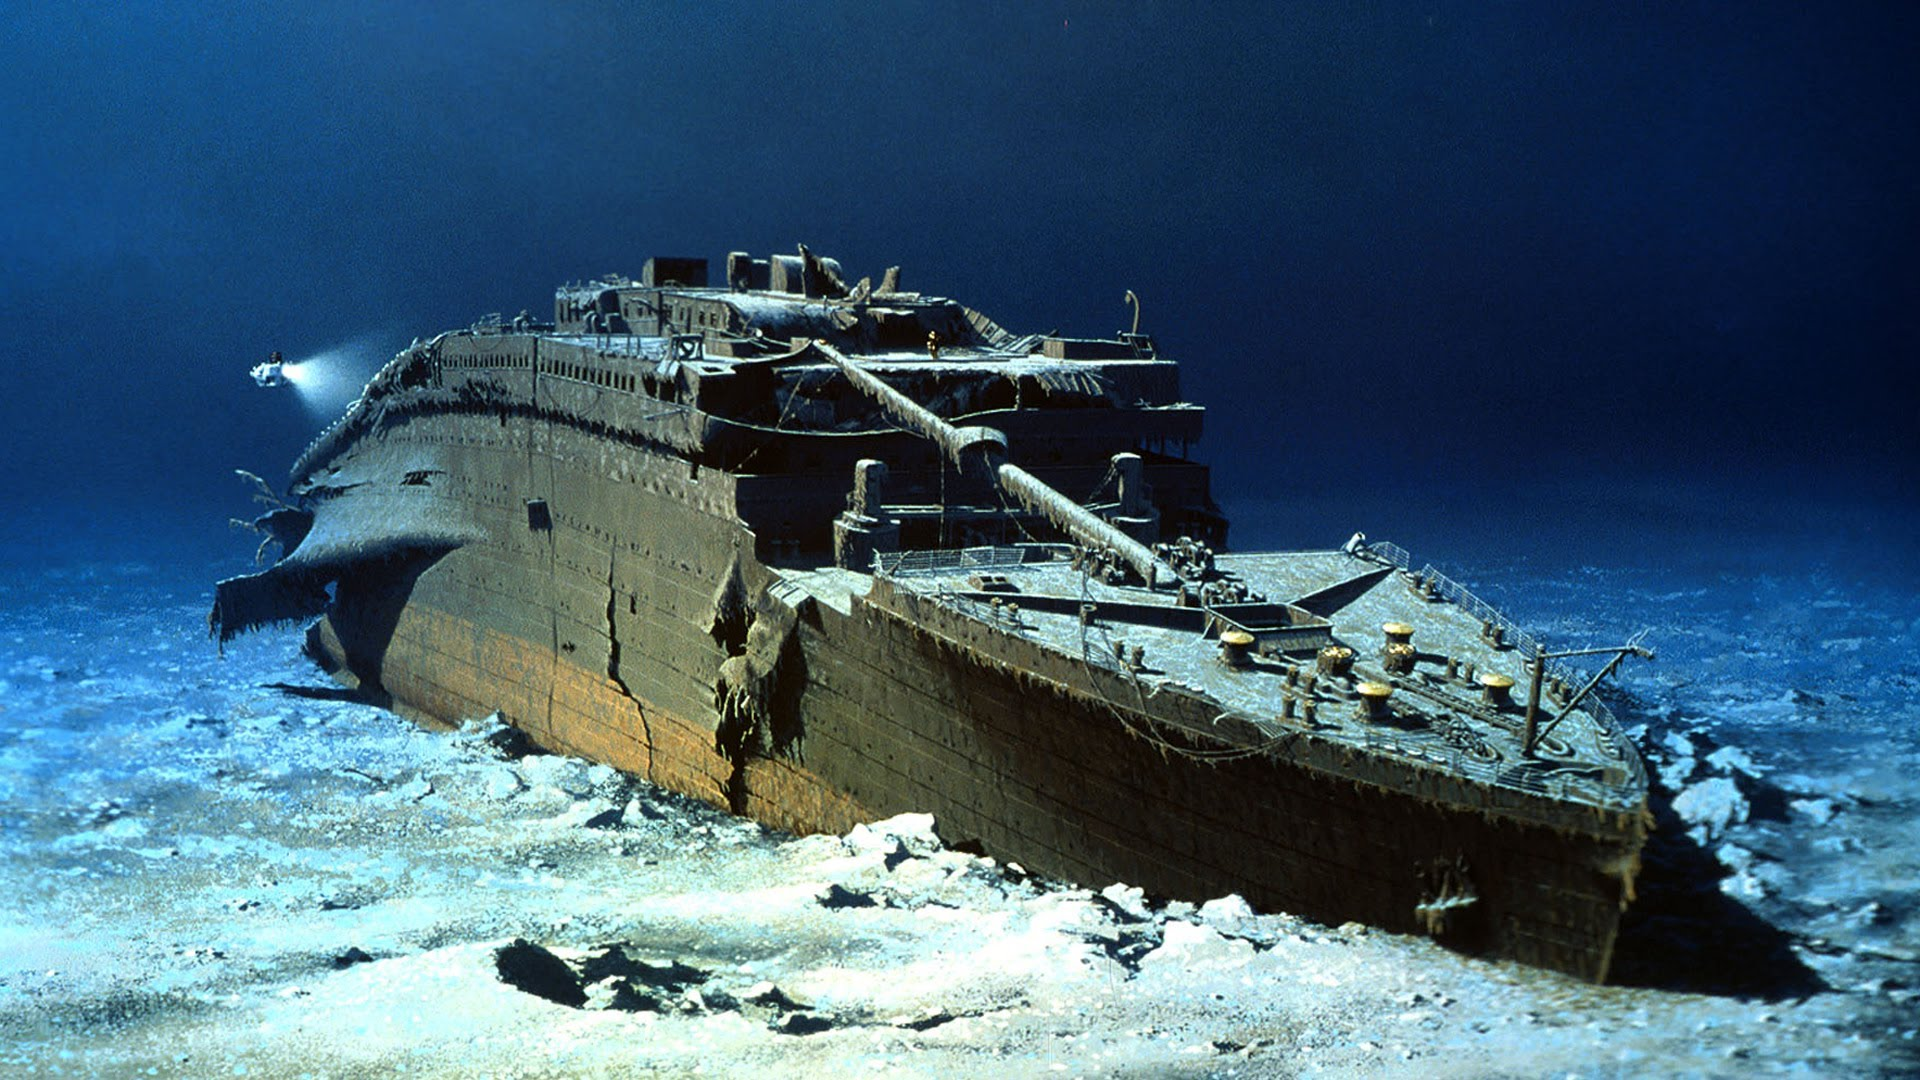 """Гибель """"титаника"""" - проклятие или ошибка опытных моряков?."""